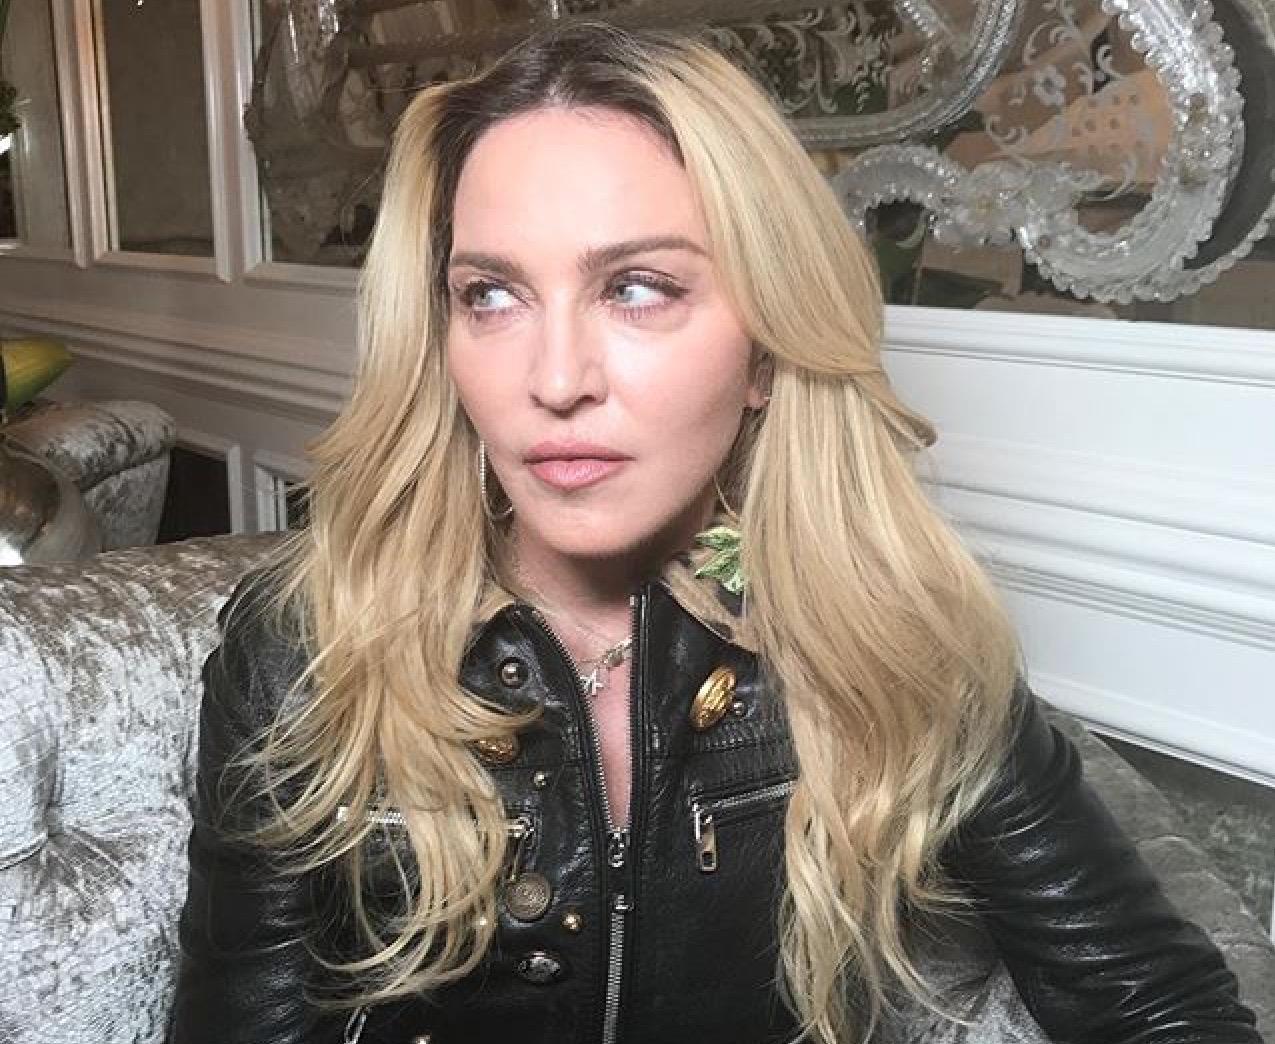 Madonna continua com problemas em arranjar casa em Lisboa